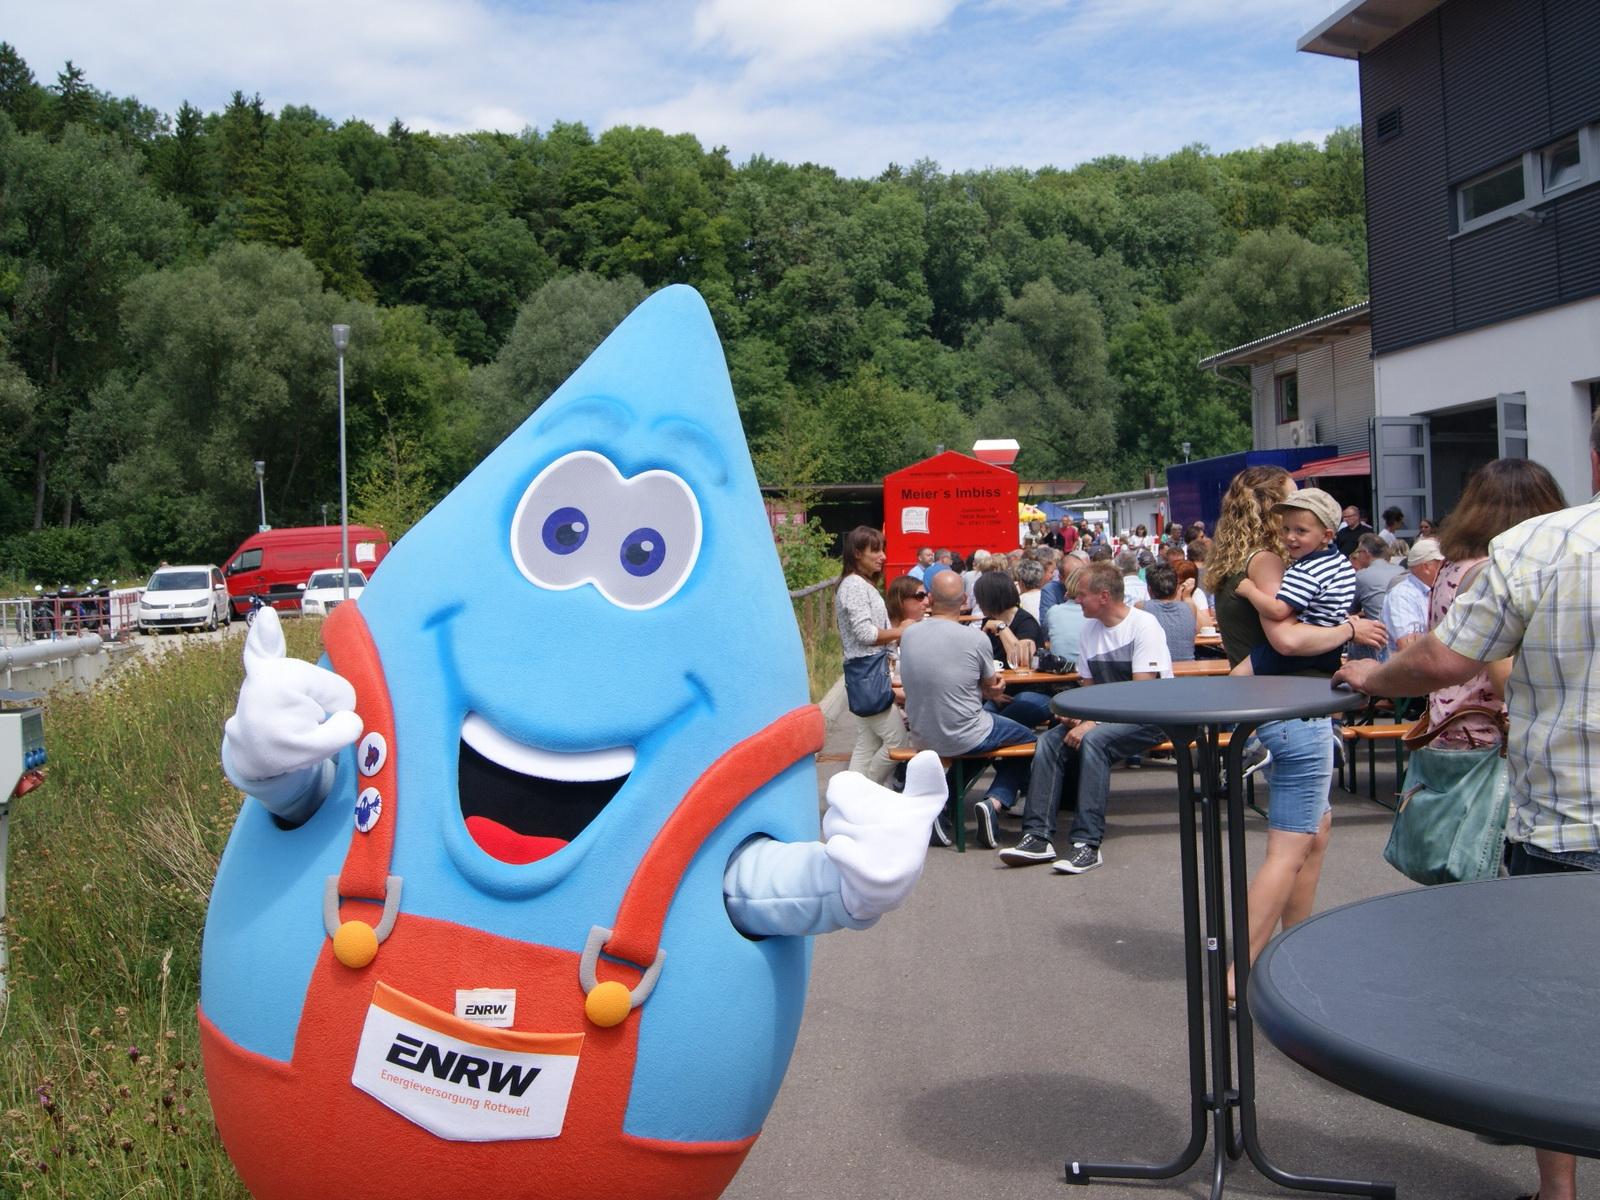 Blubbi am Tag der offenen Tür des ENRW Eigenbetrieb Stadtentwässerung